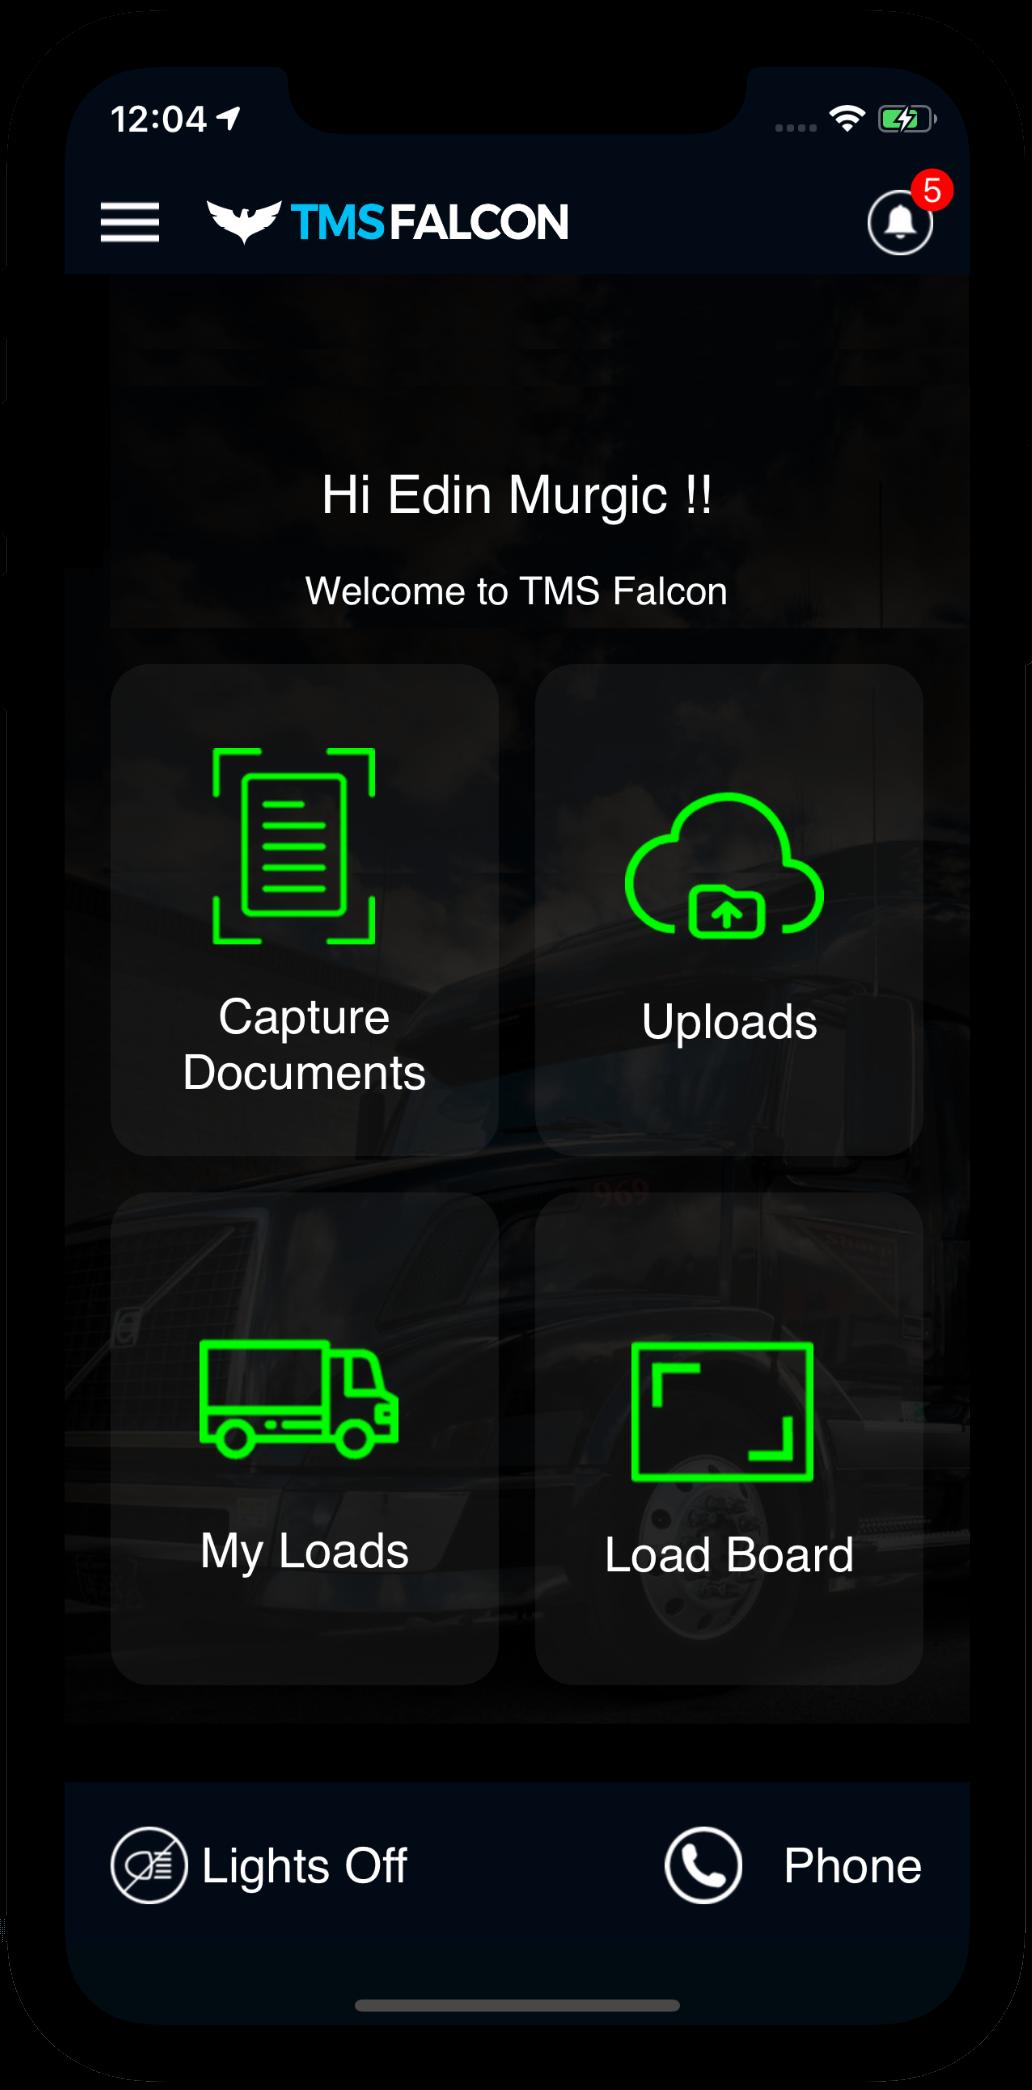 TMSFALCON App